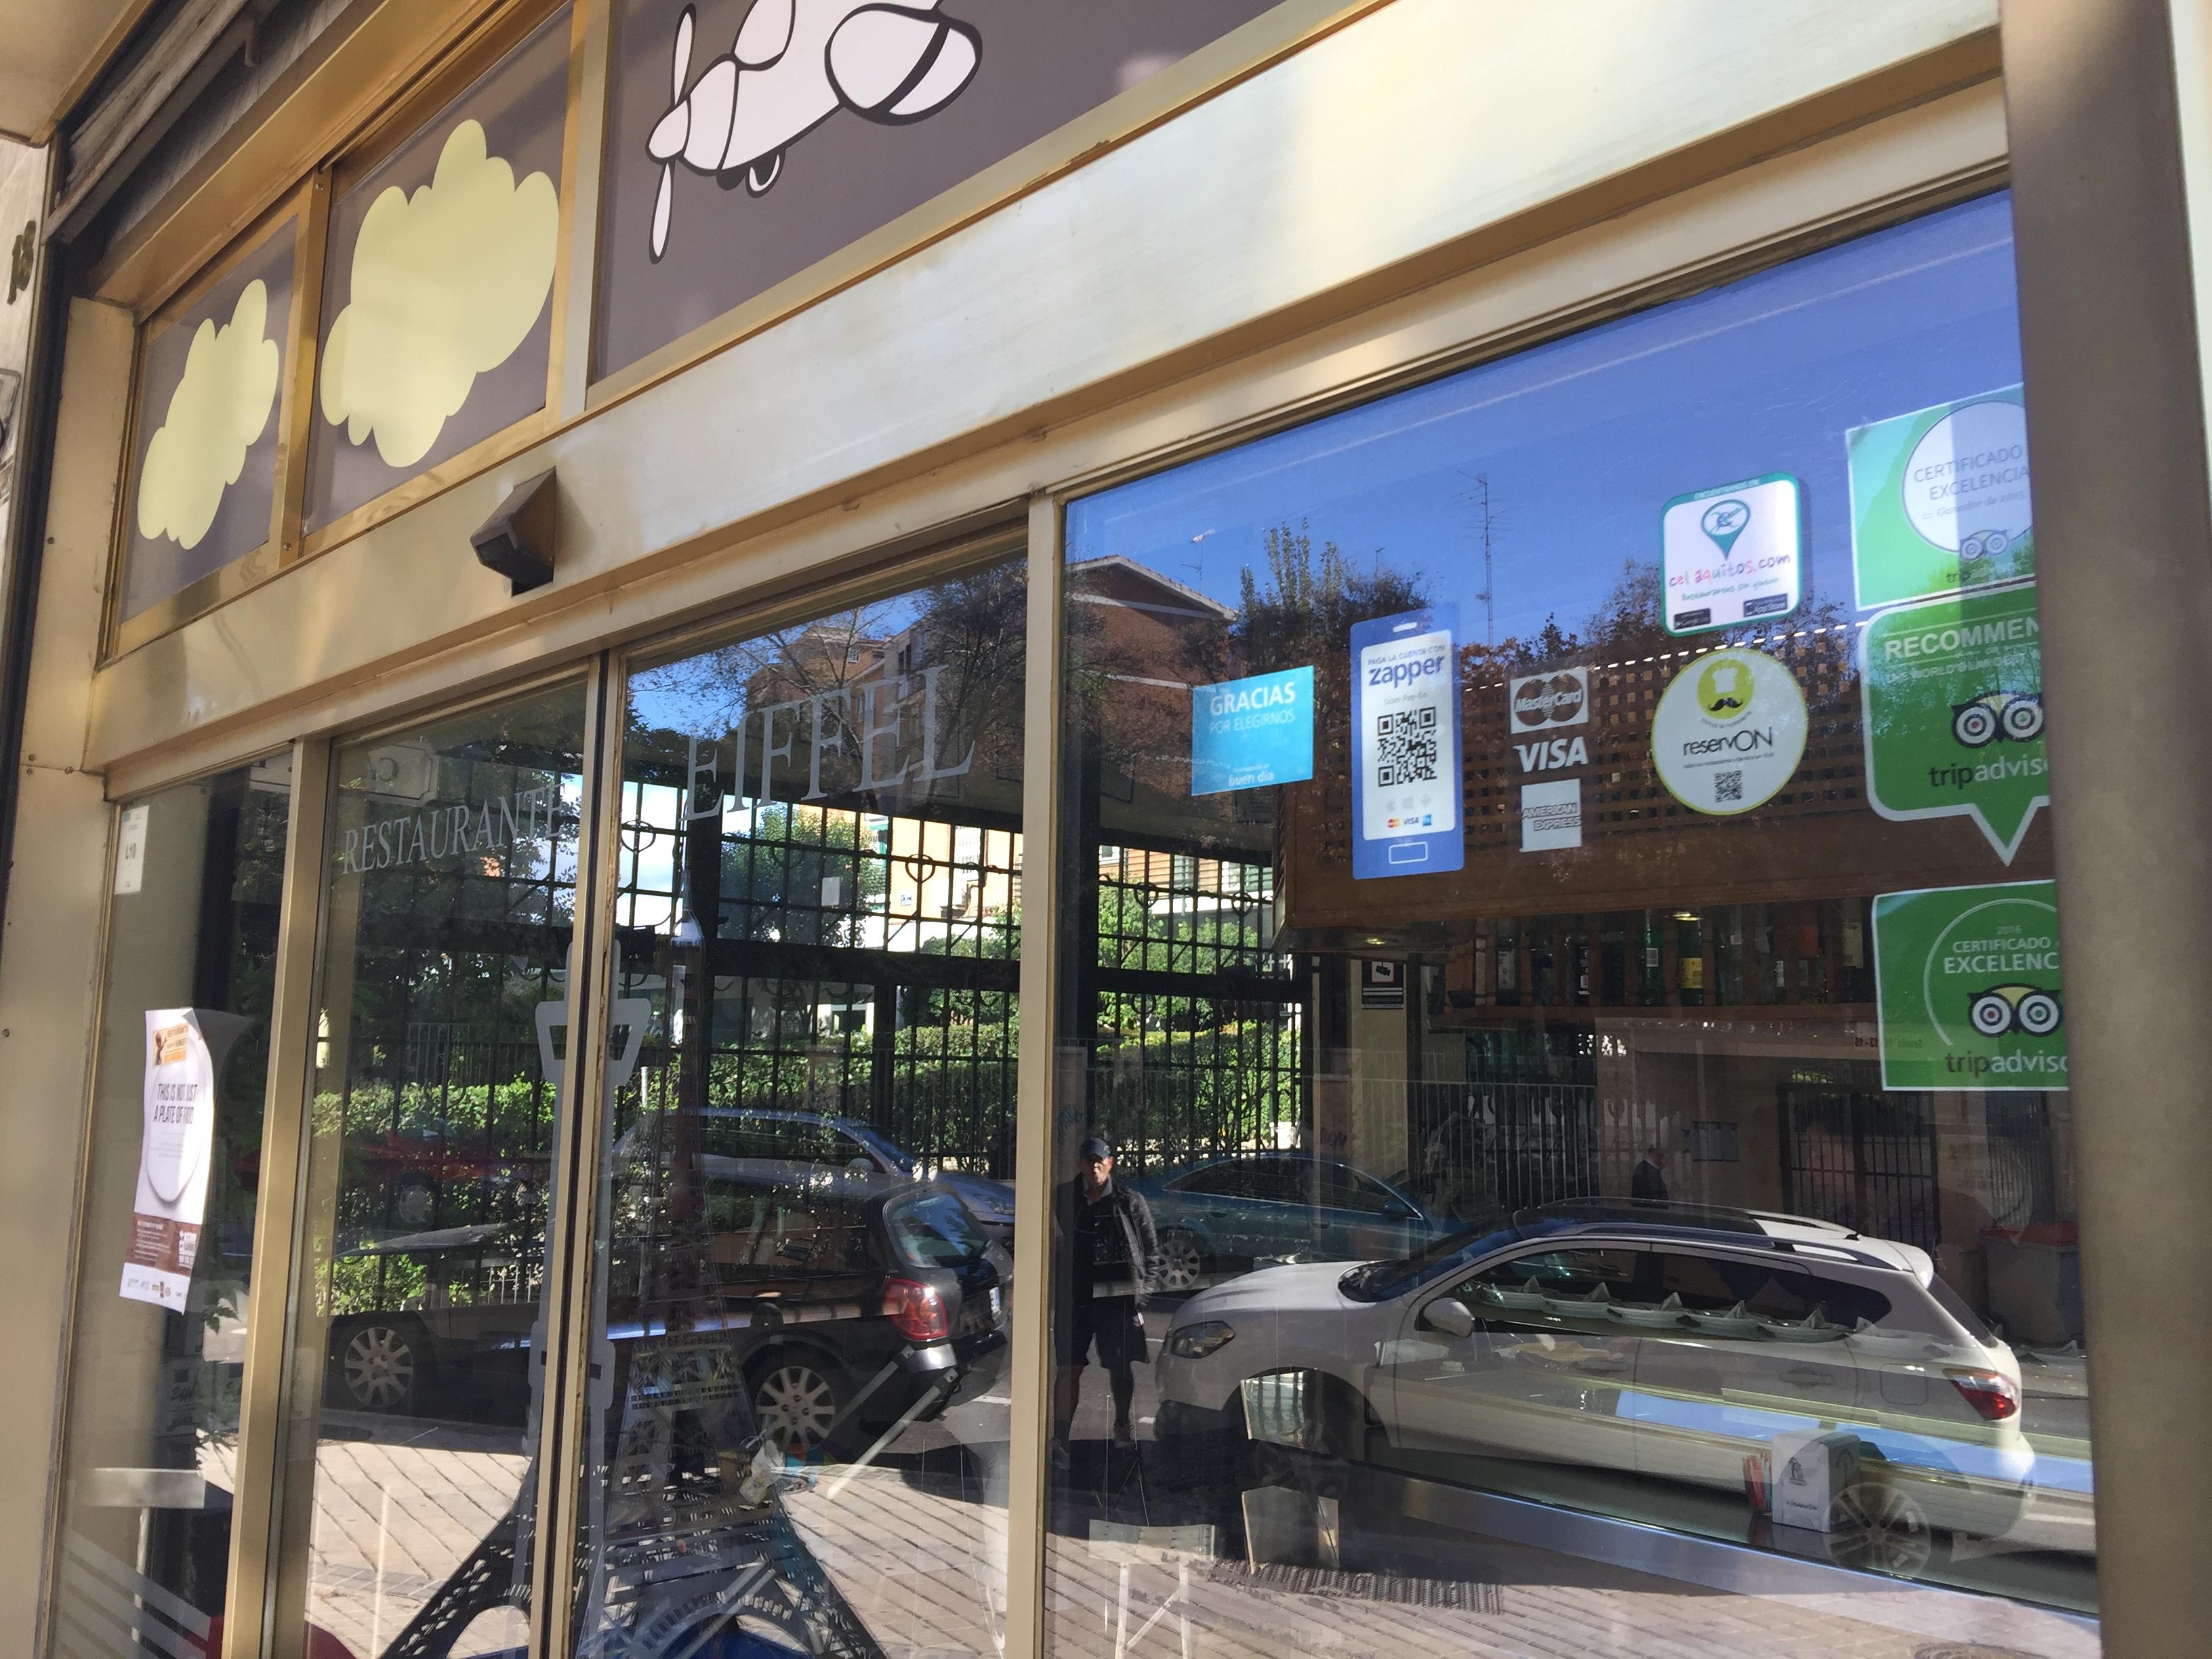 Cuartoymitad Teatro Restaurante Cuarto Y Mitad Madrid ...